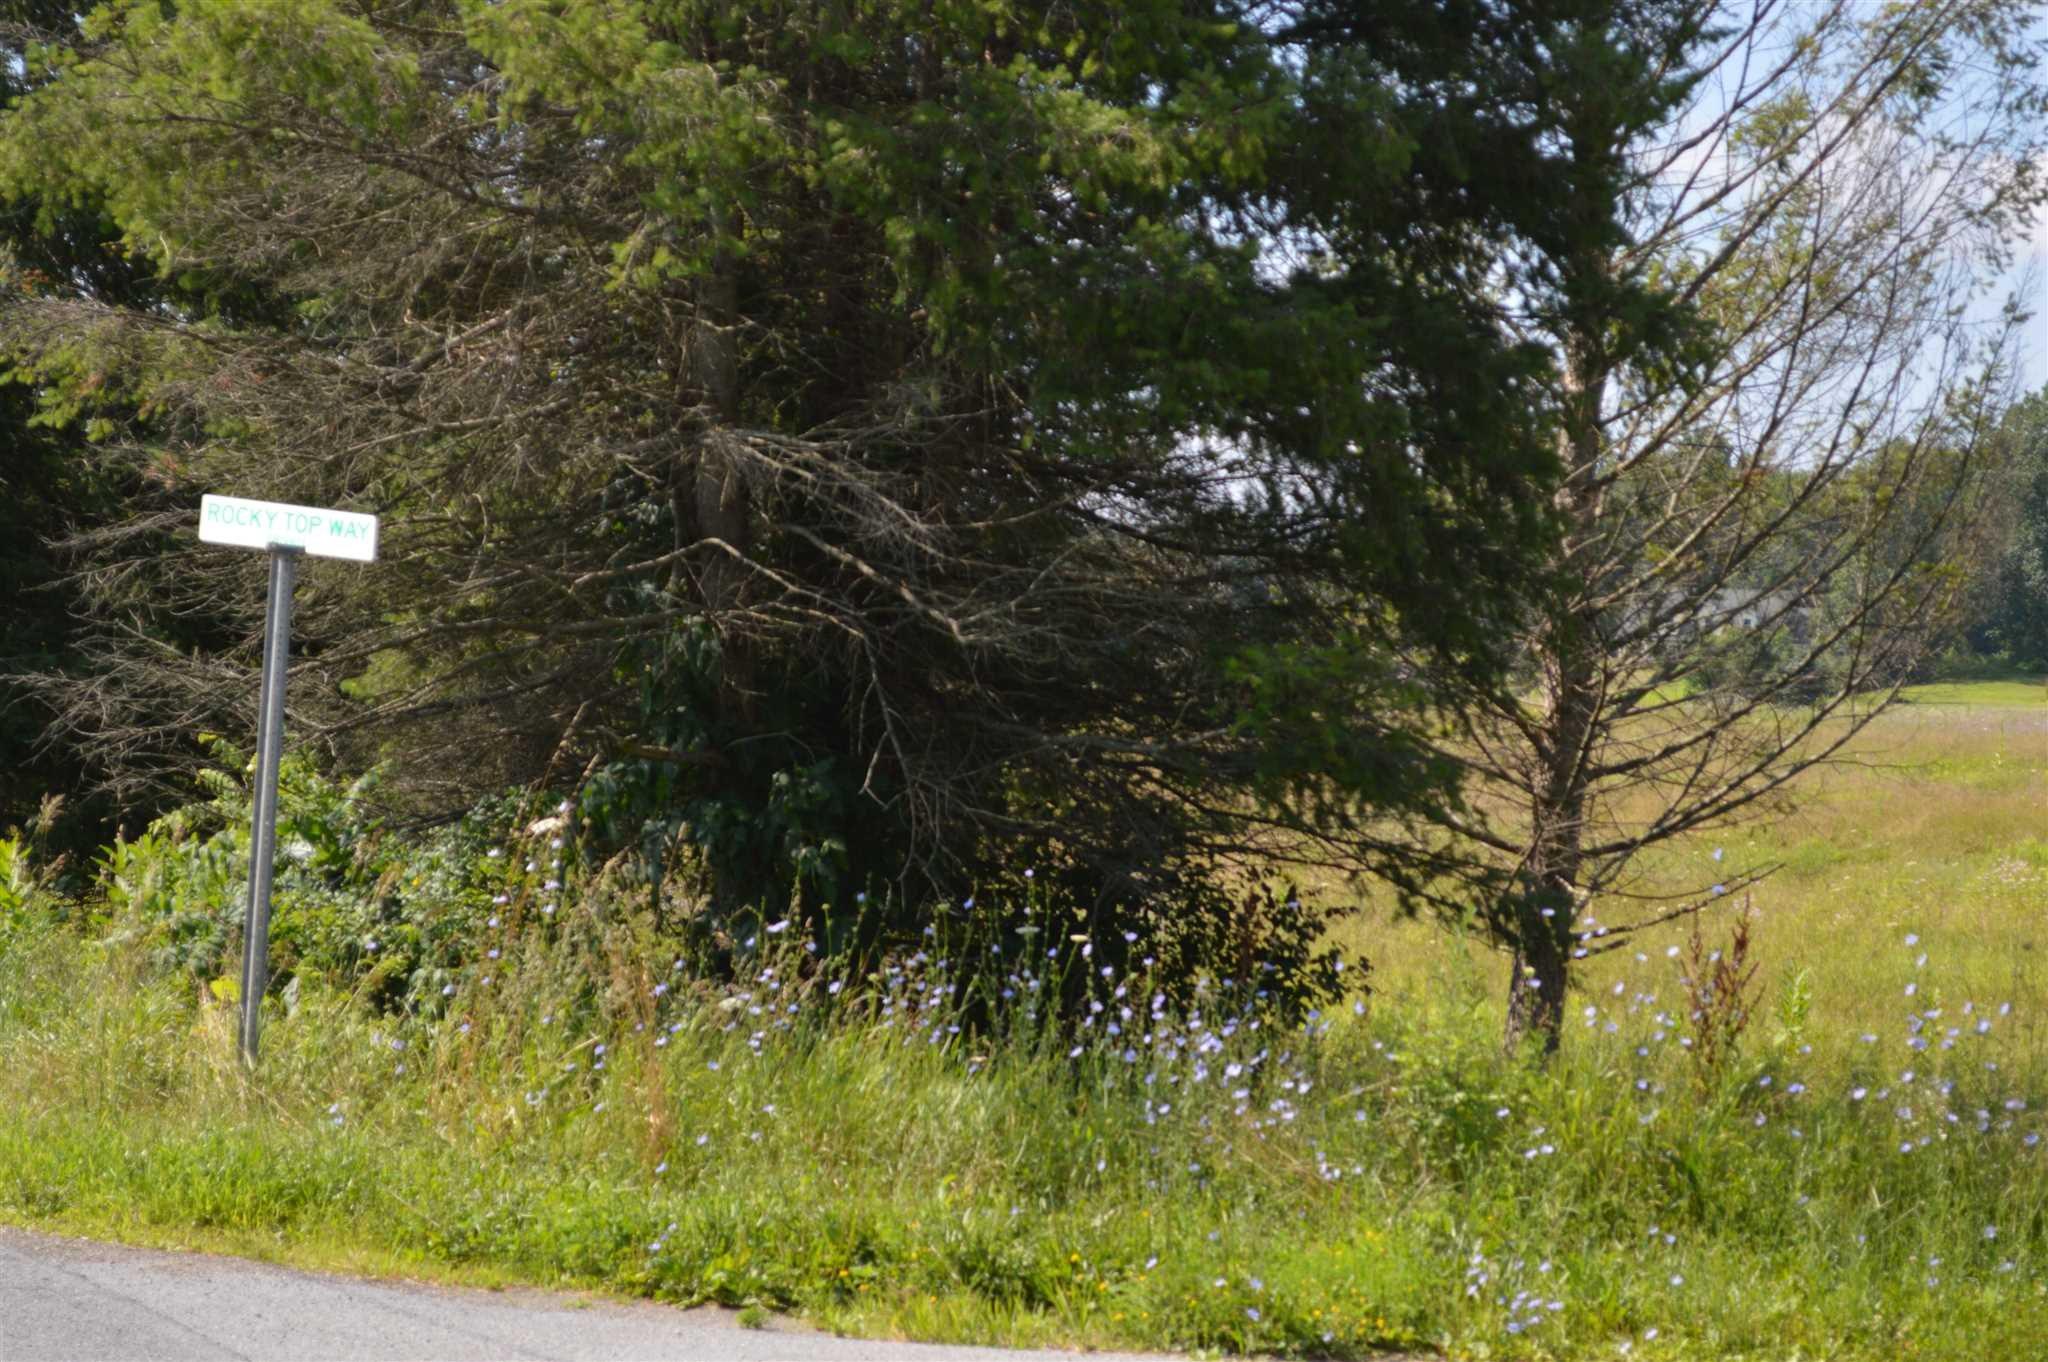 Land for Sale at SALT POINT TPKE SALT POINT TPKE Stanfordville, New York 12514 United States